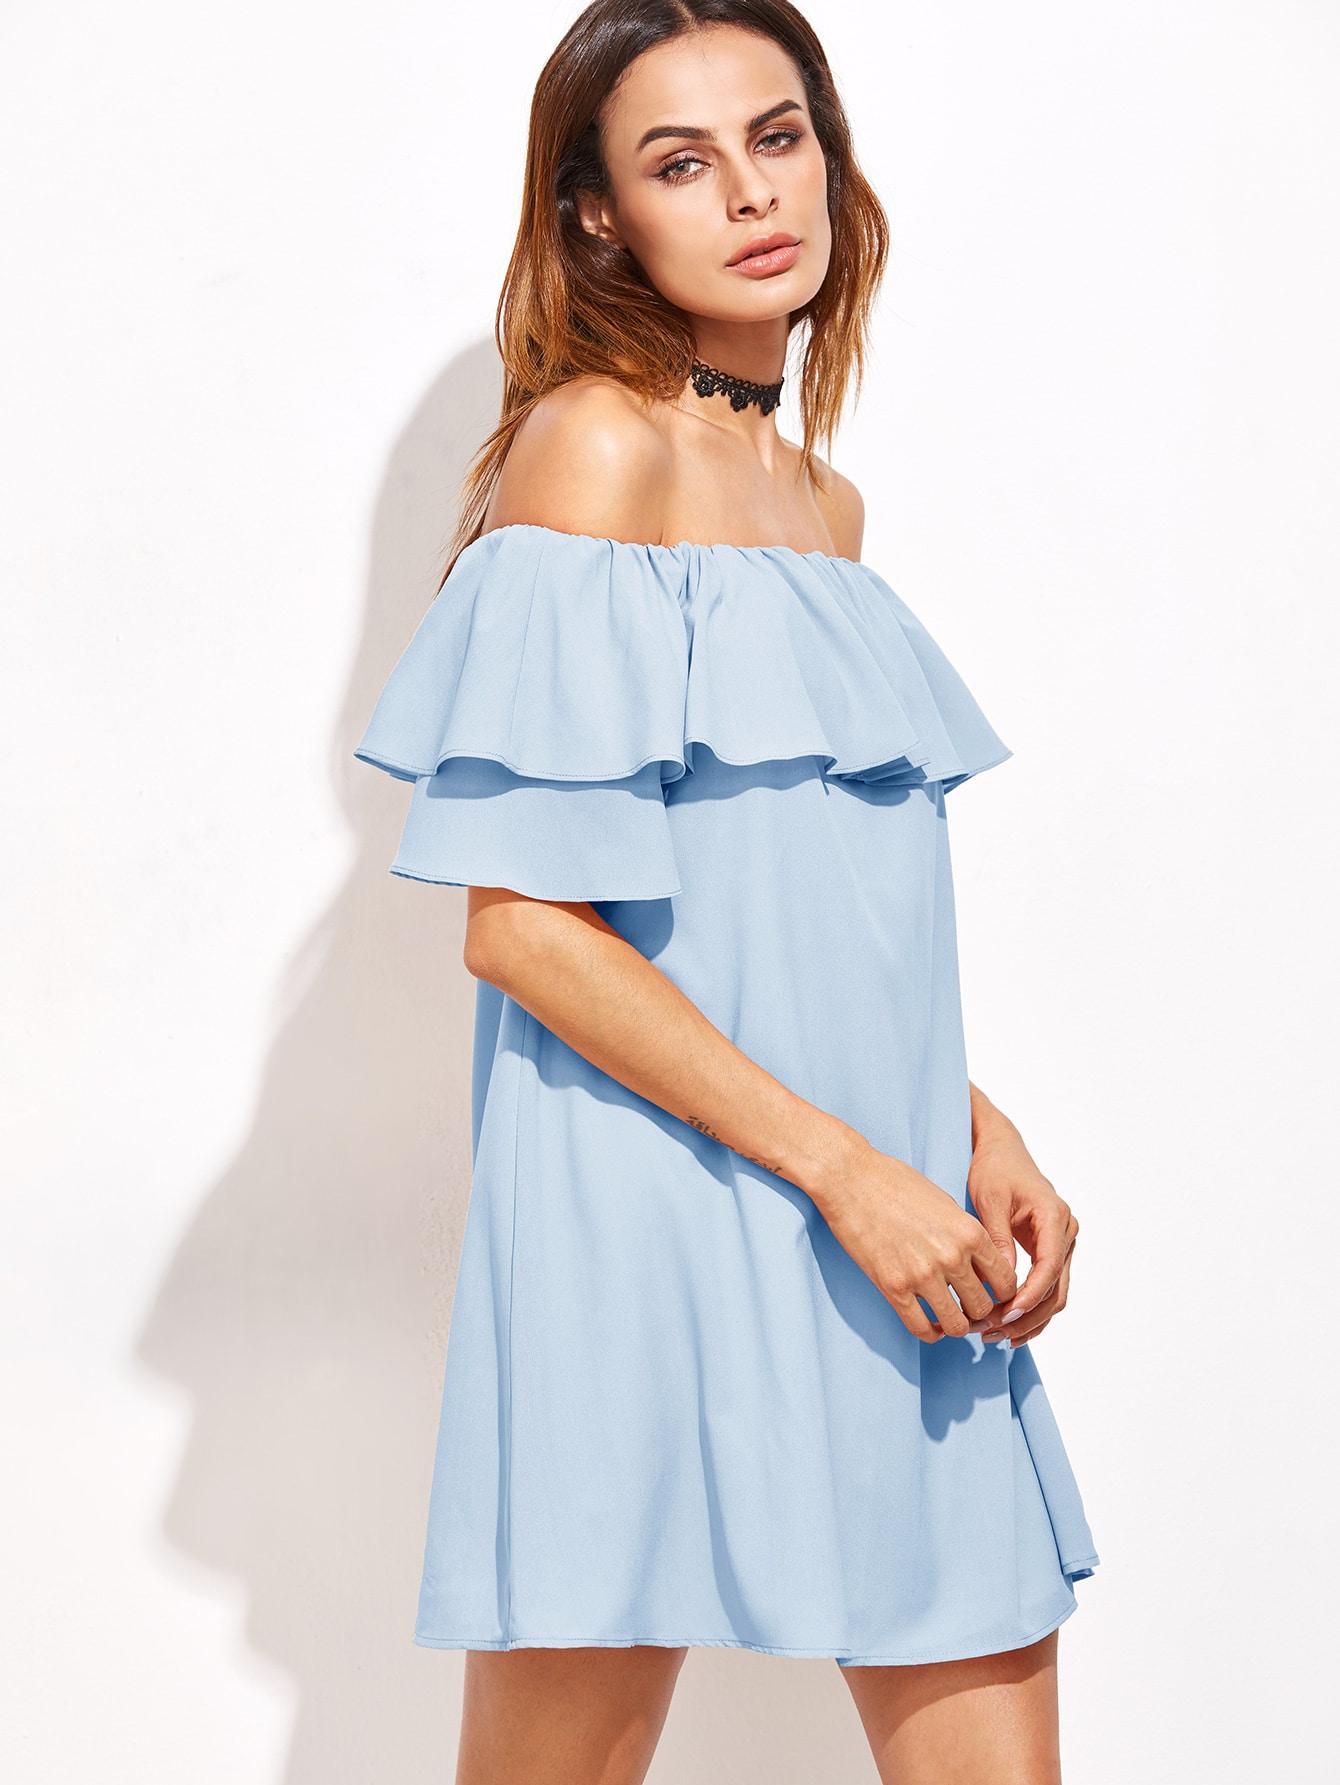 dress161006479_2